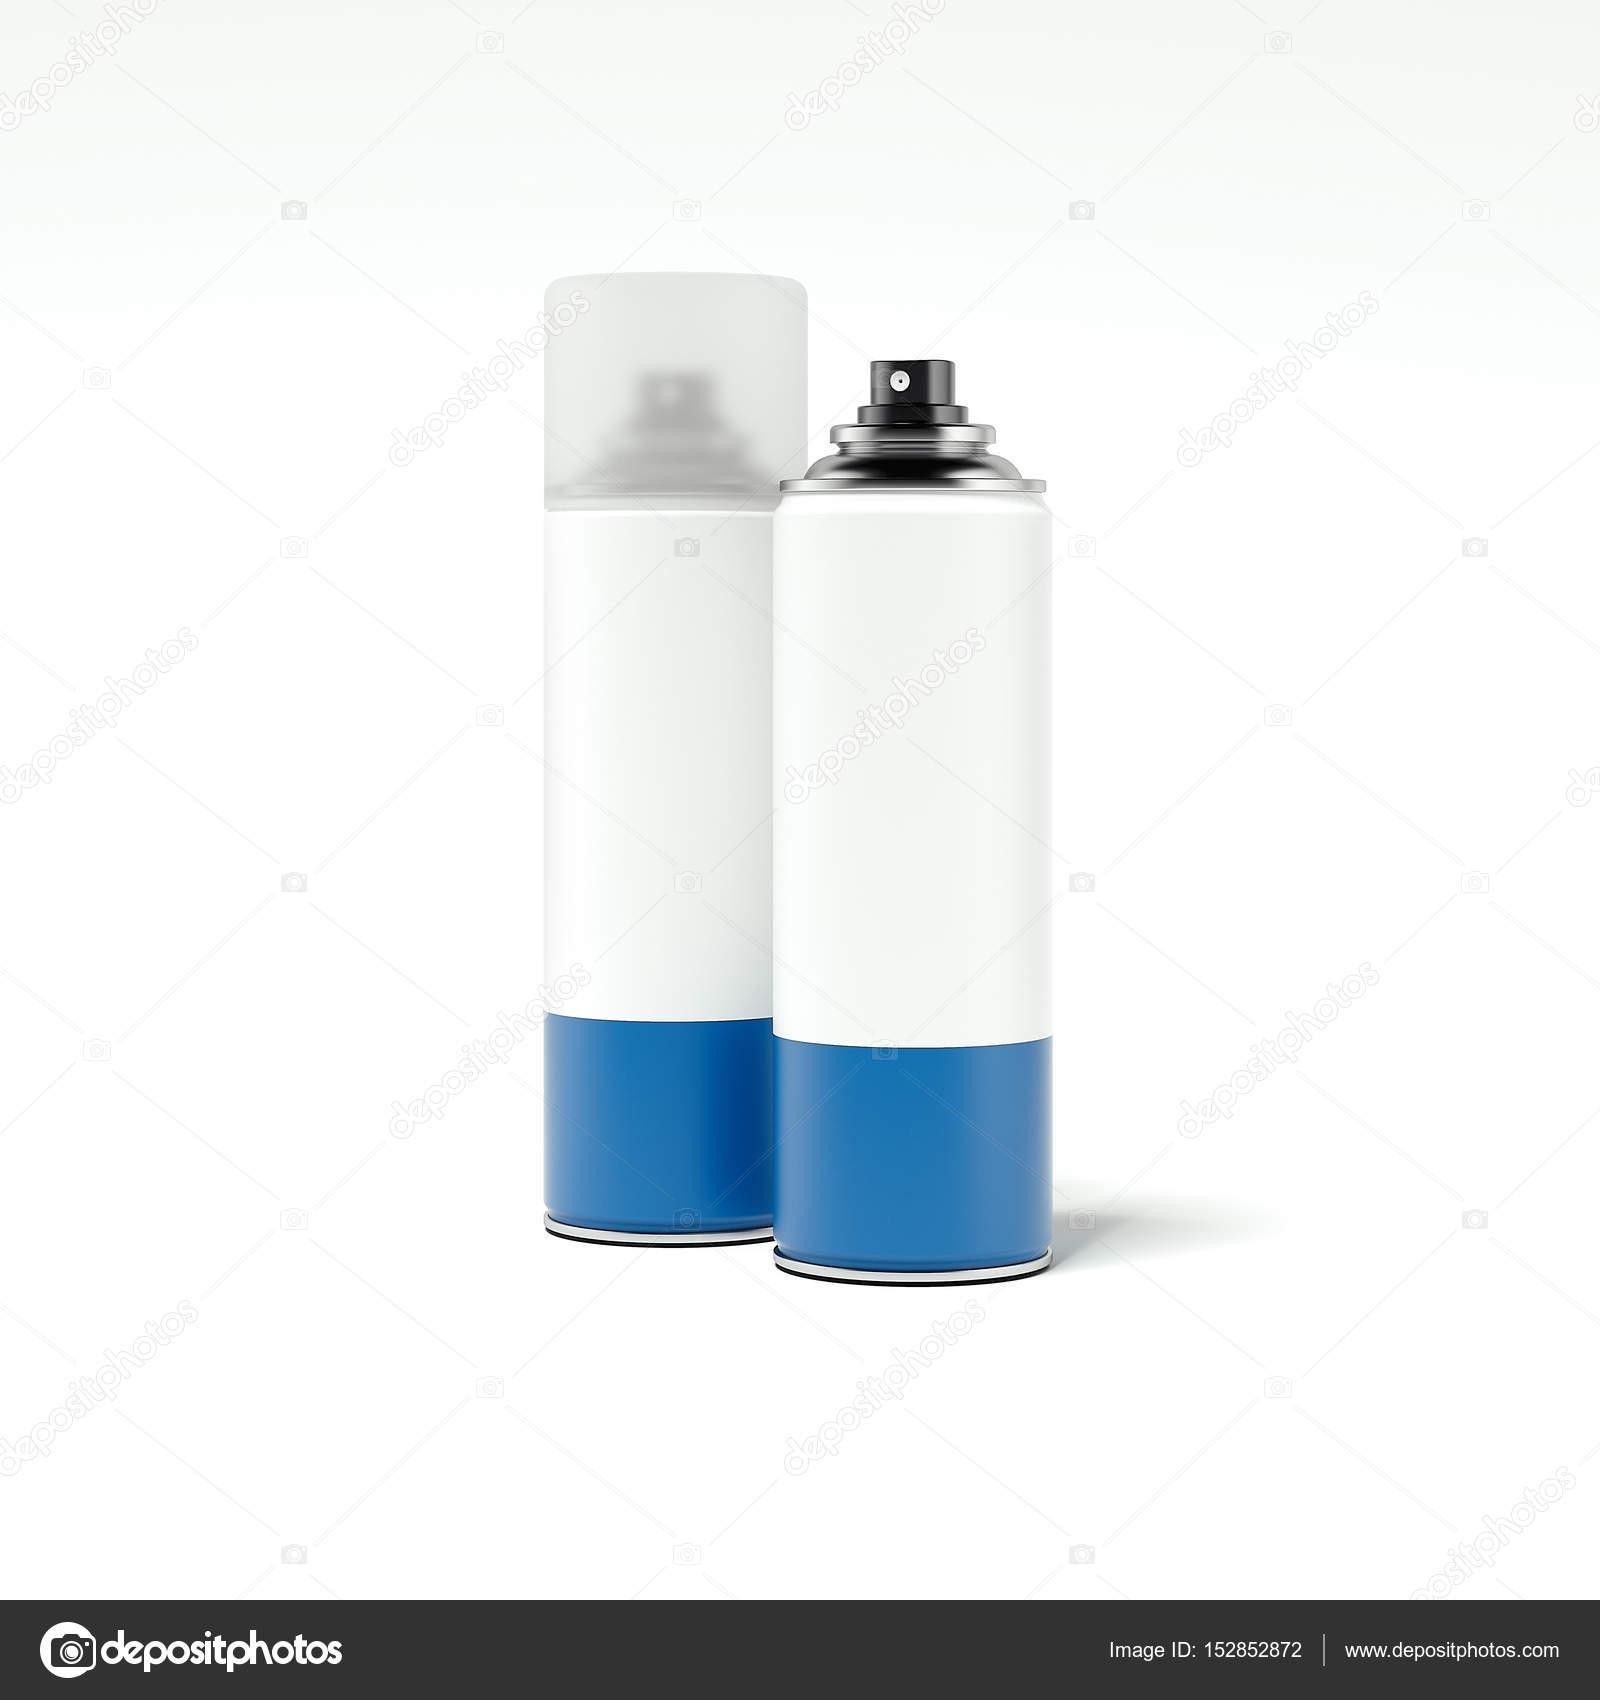 Dos botes de spray de pintura con etiquetas blancas for Bote de pintura precio